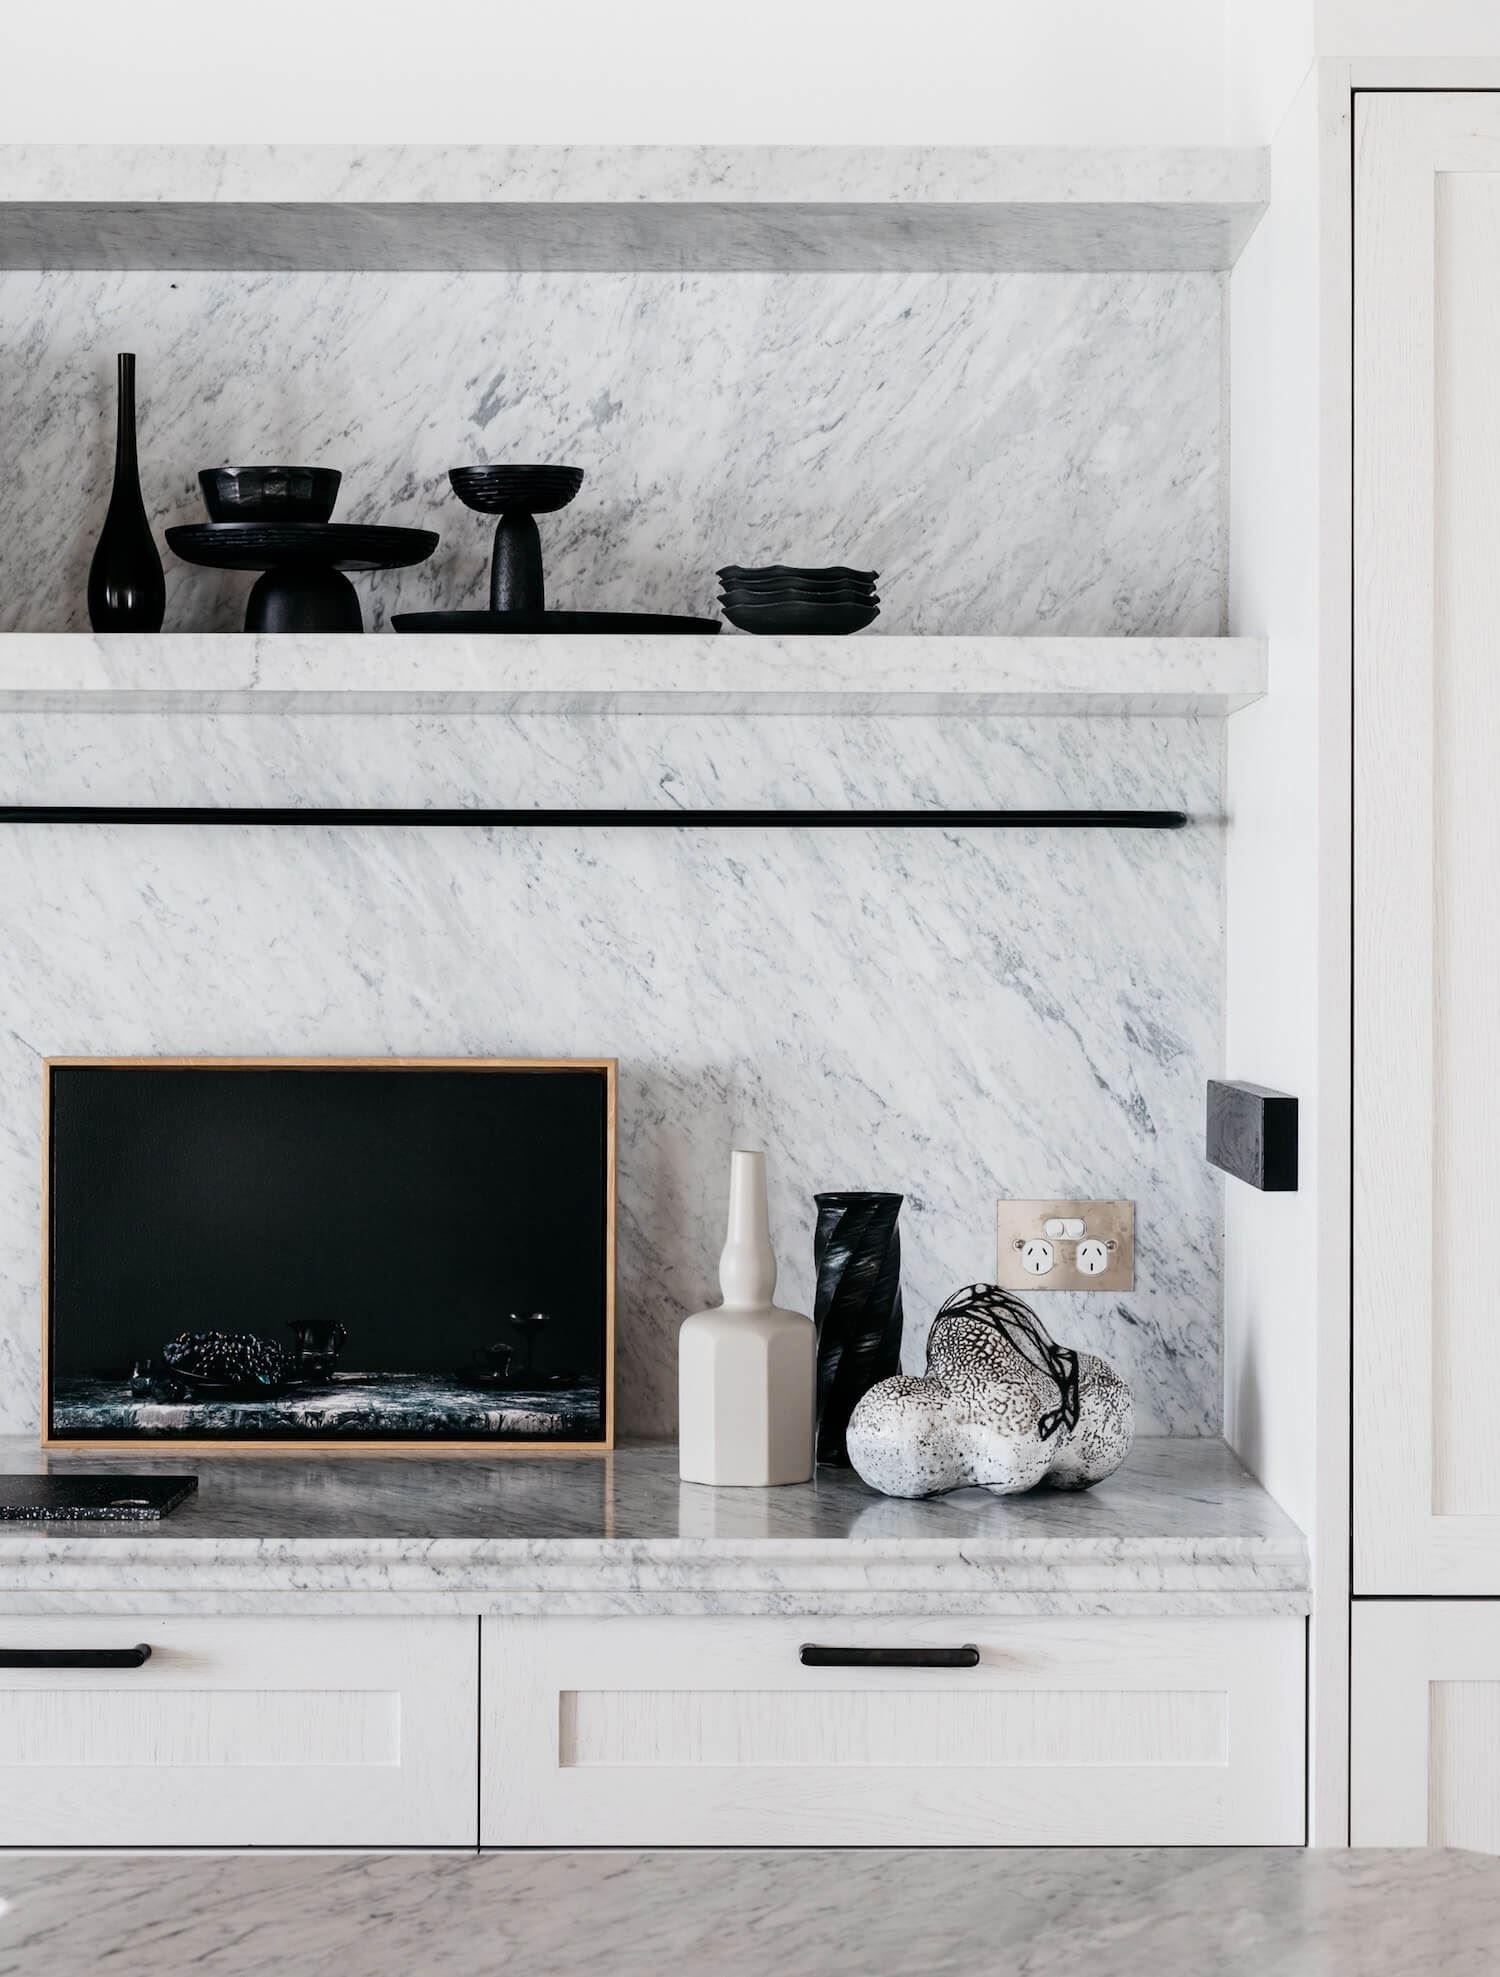 Decoración y diseño de interiores de salón de estilo francés minimalista